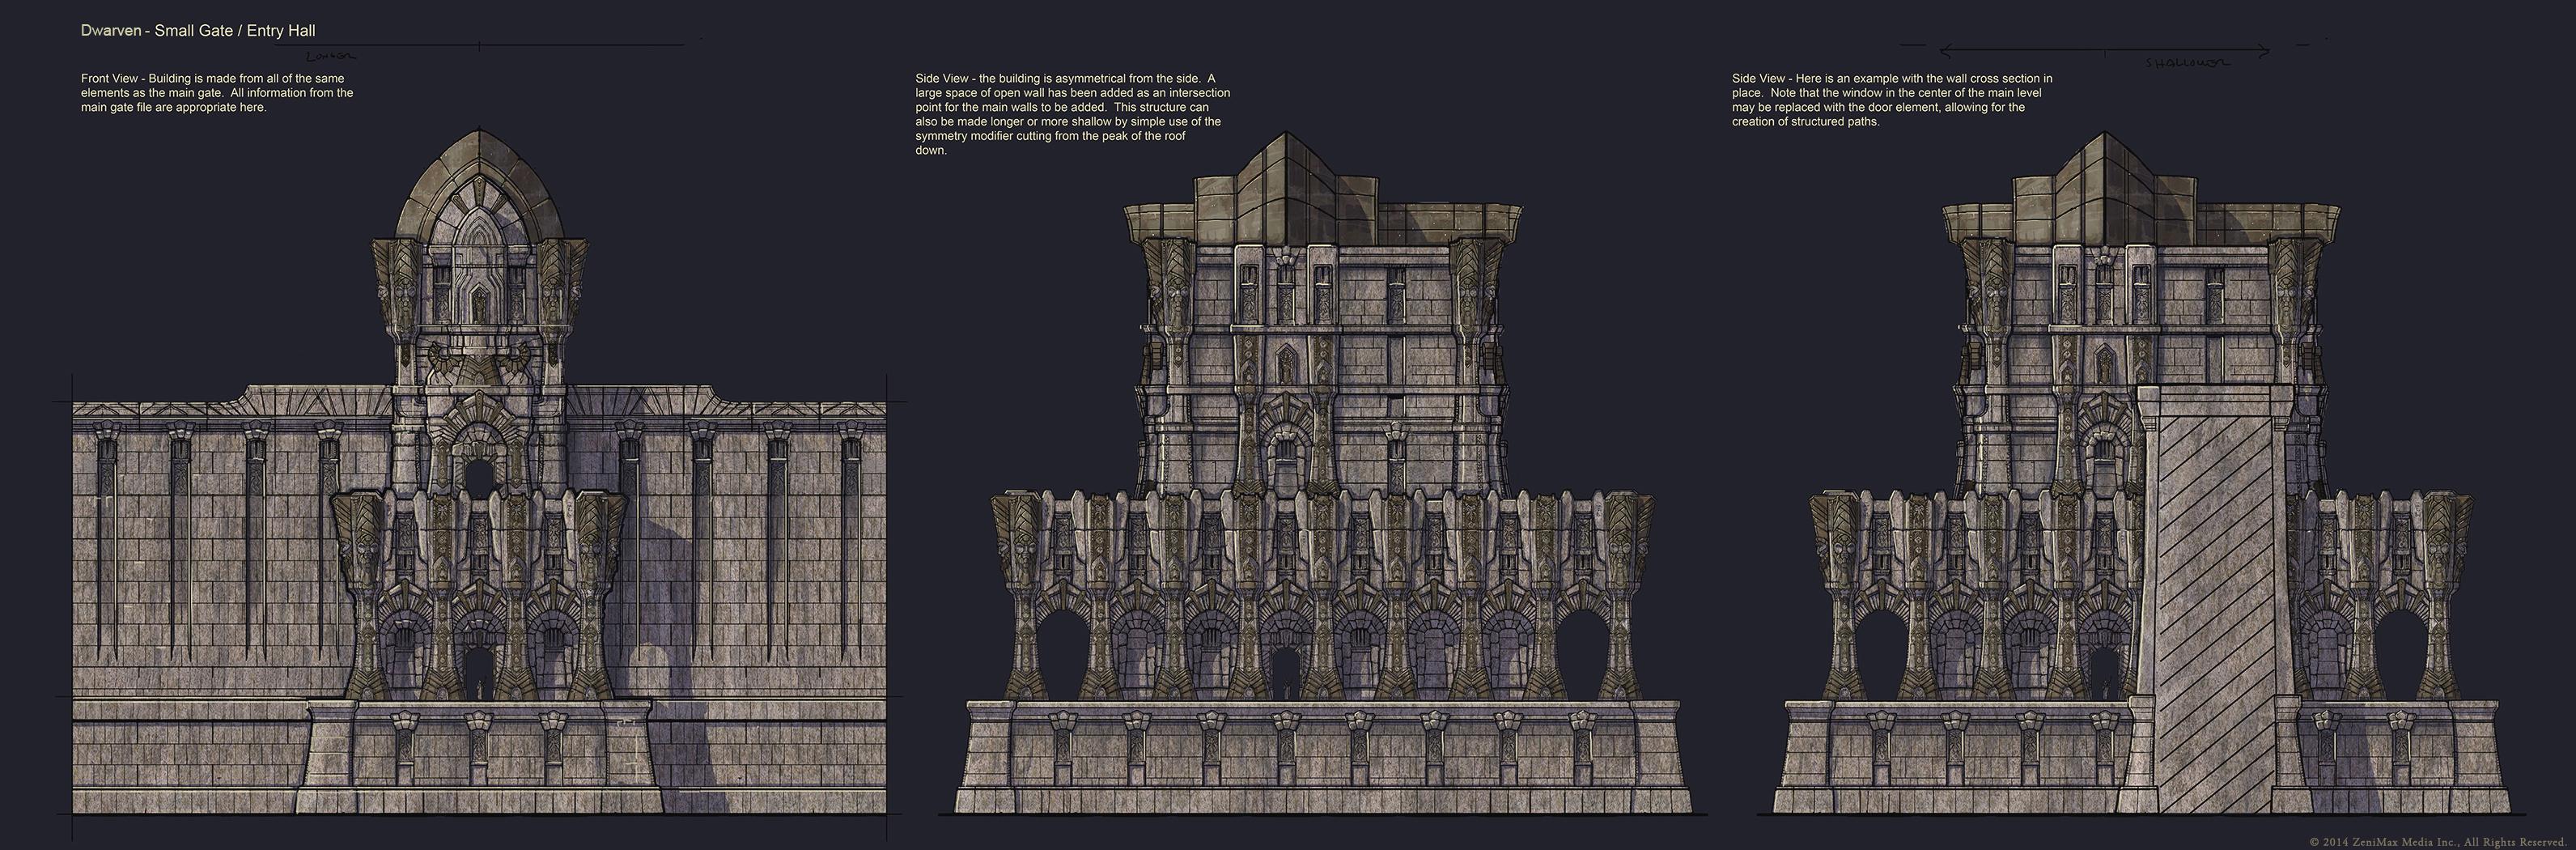 Ссылка на изображение